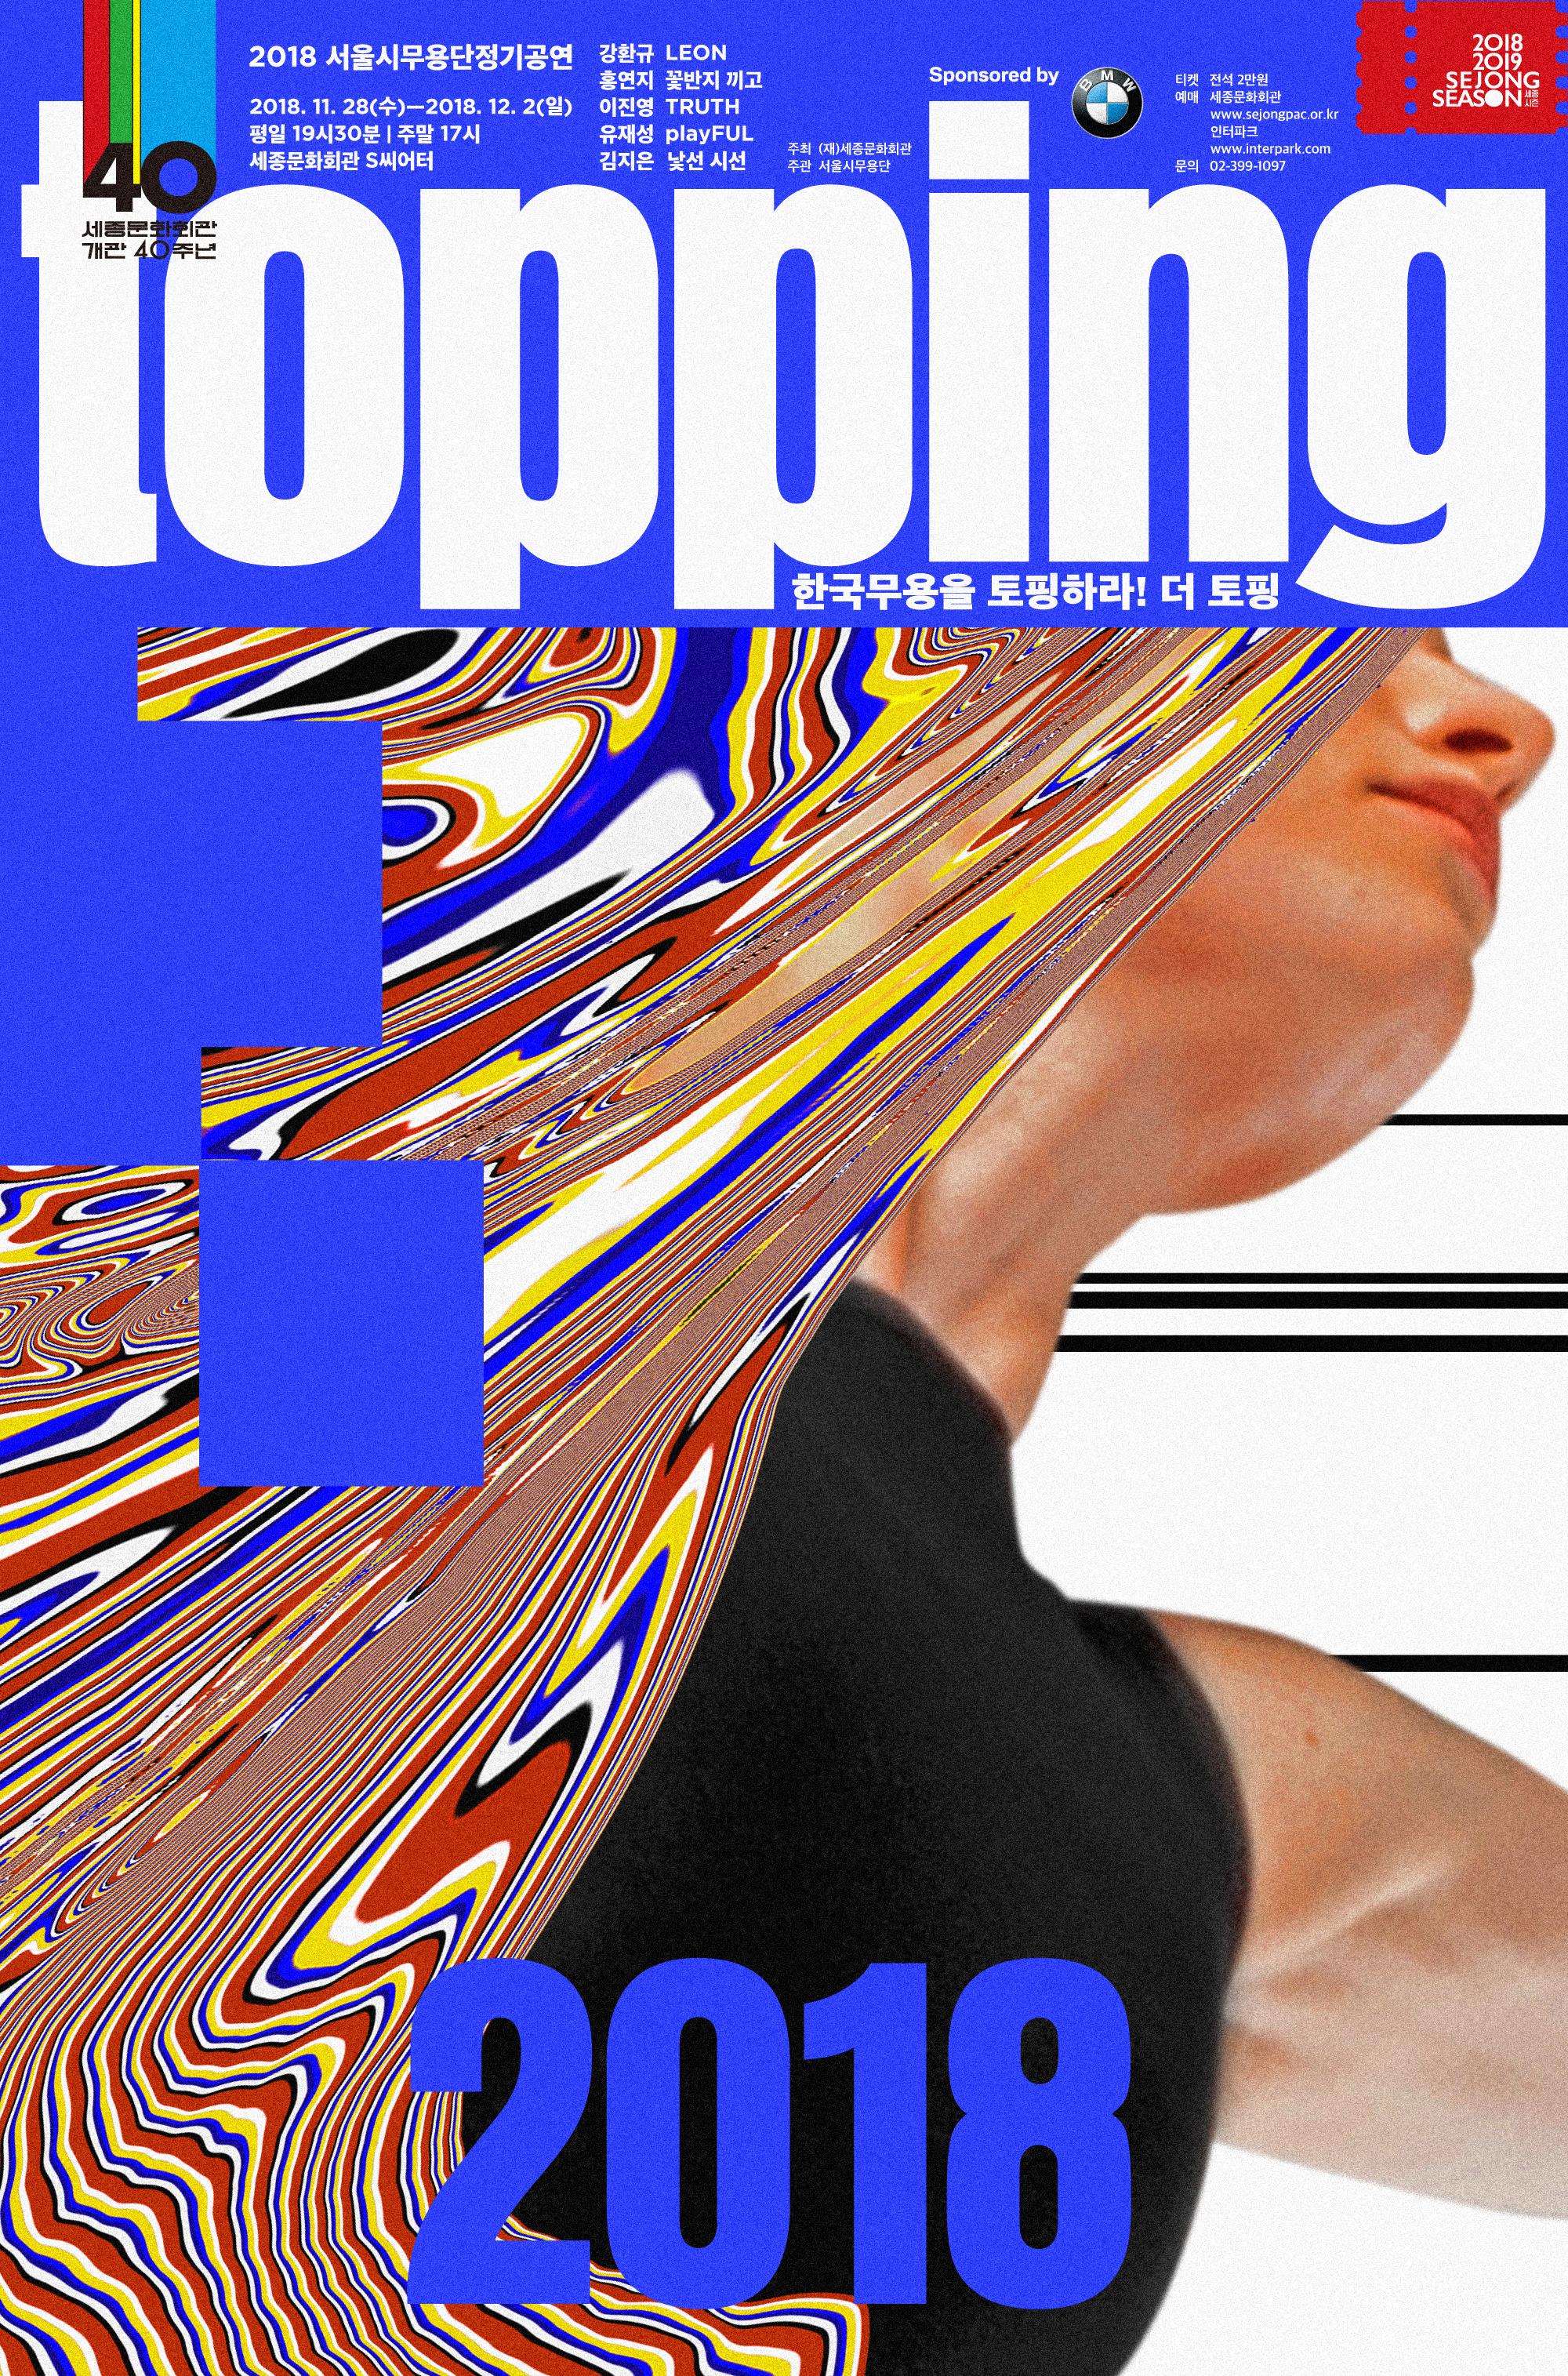 [공연] 한국무용을 중심으로 다양한 장르의 예술가와 협업하다. 〈더 토핑 The Topping〉